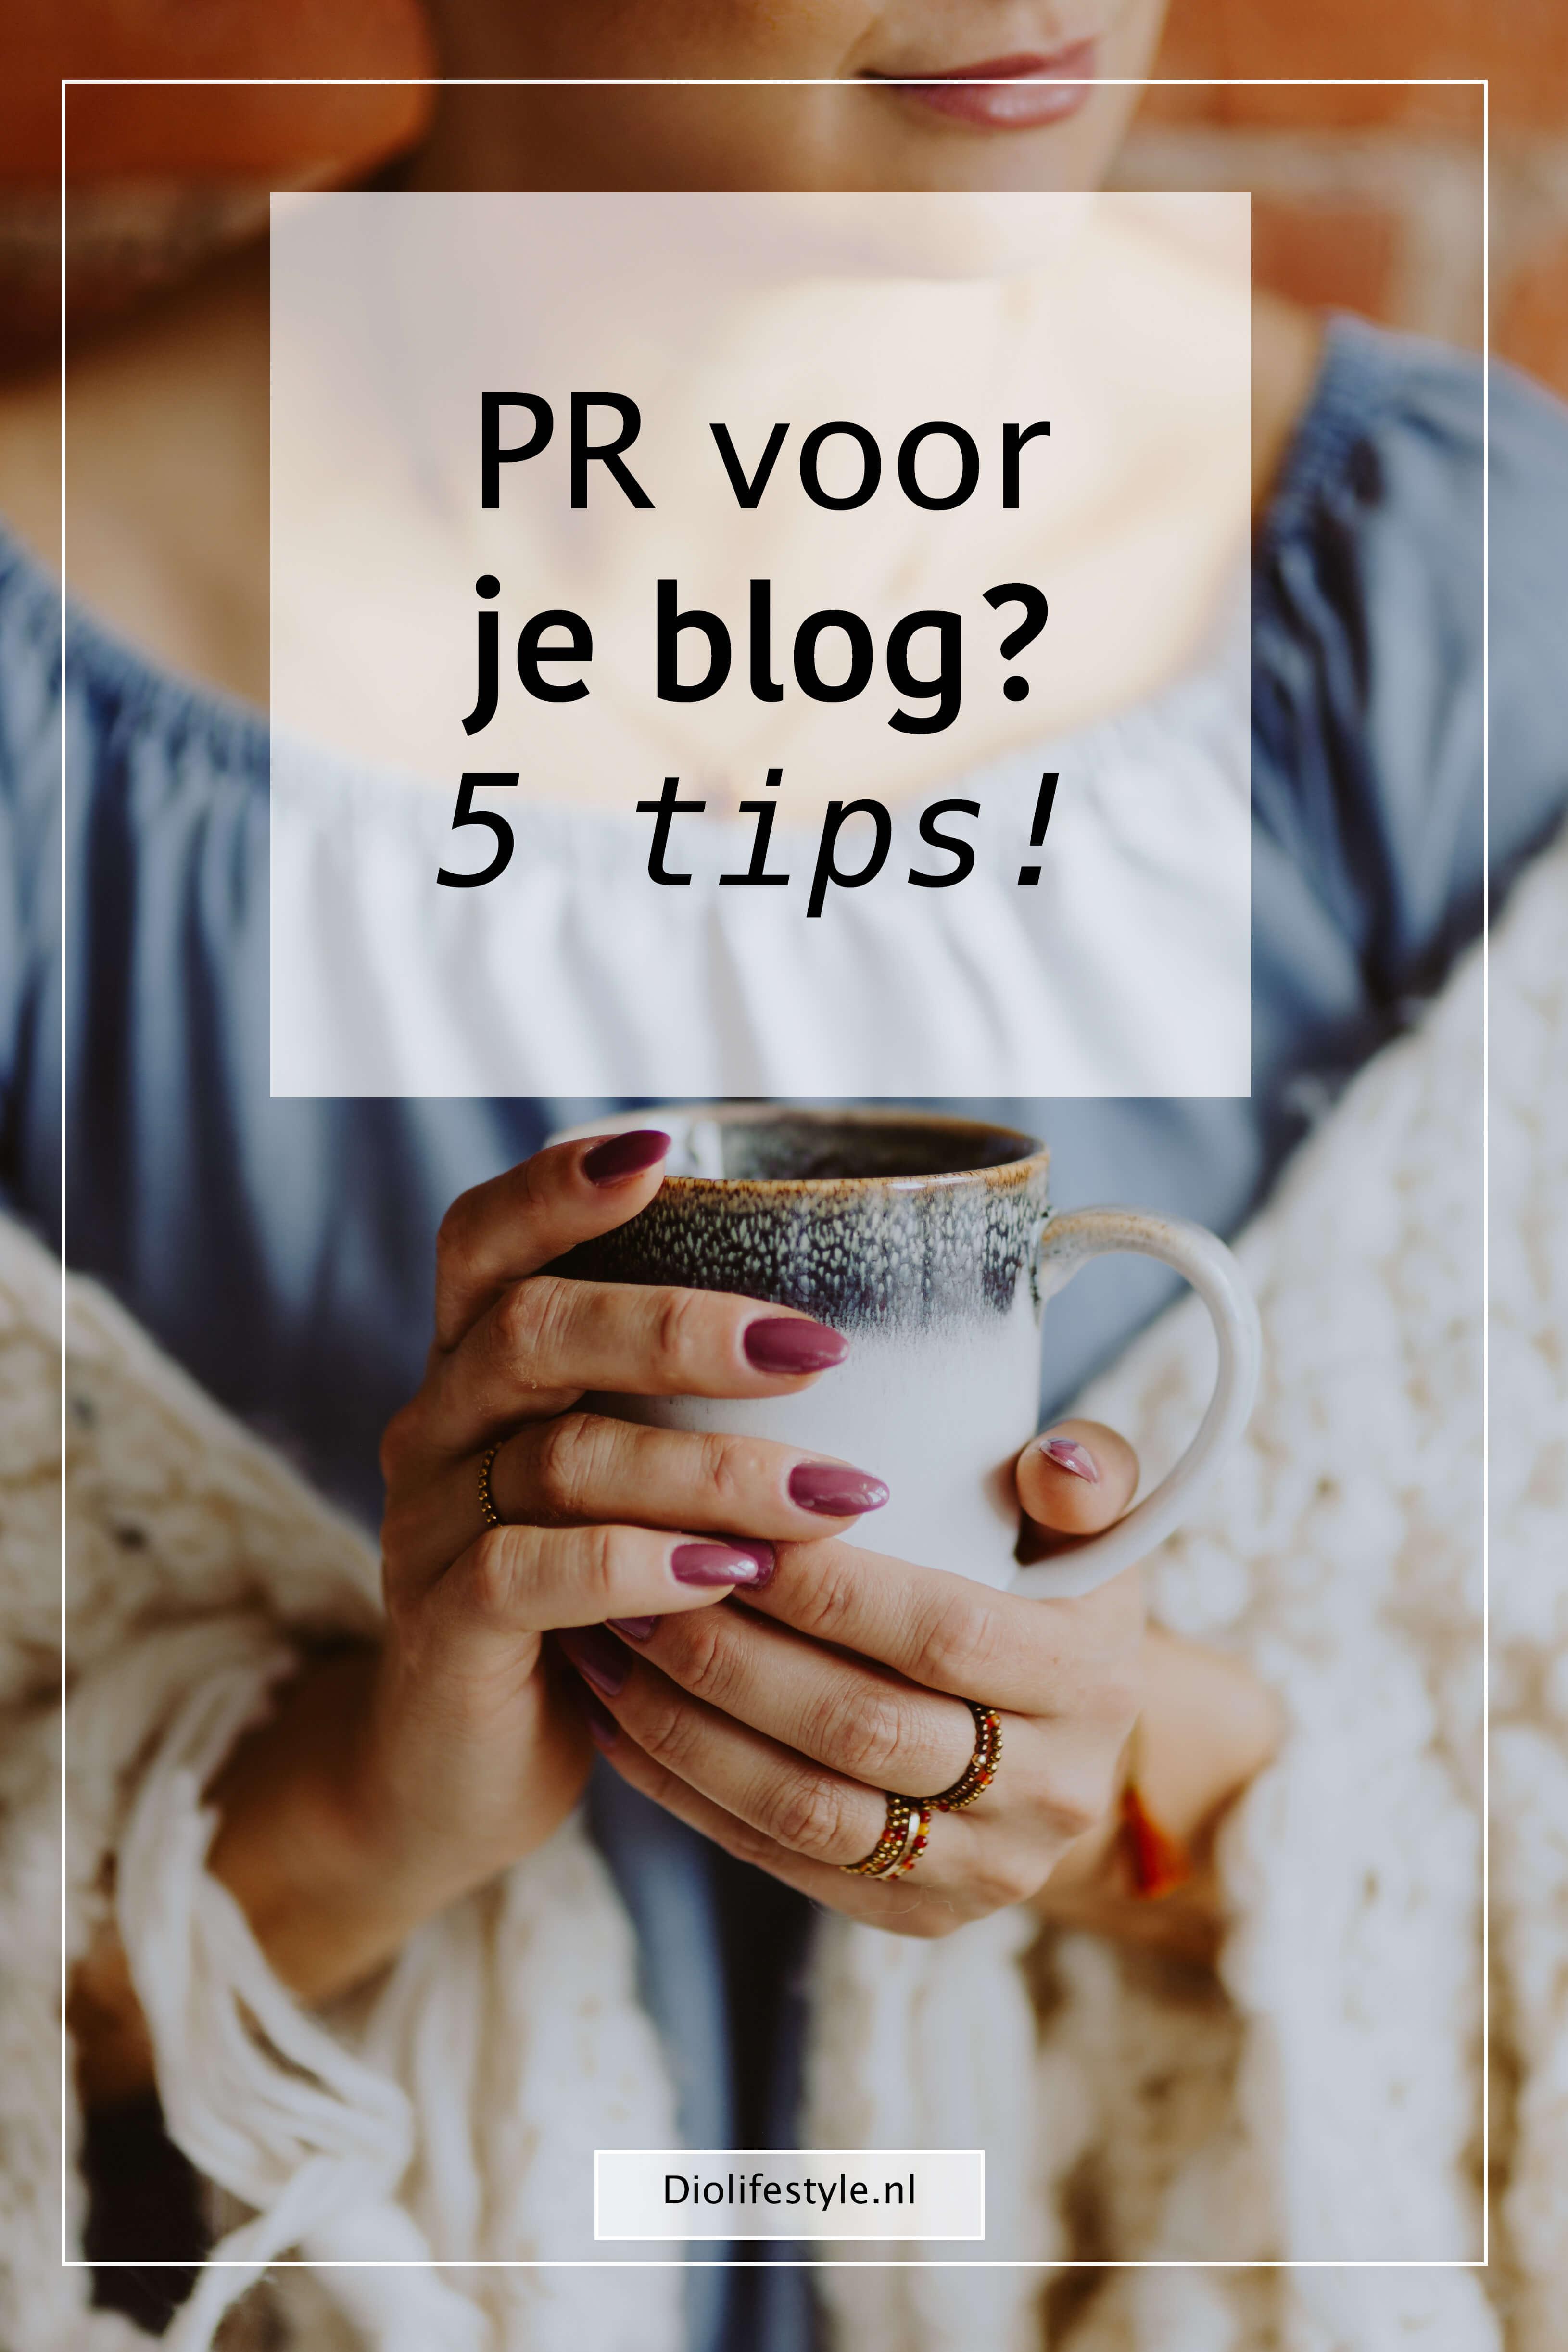 PR voor je blog? 5 tips!